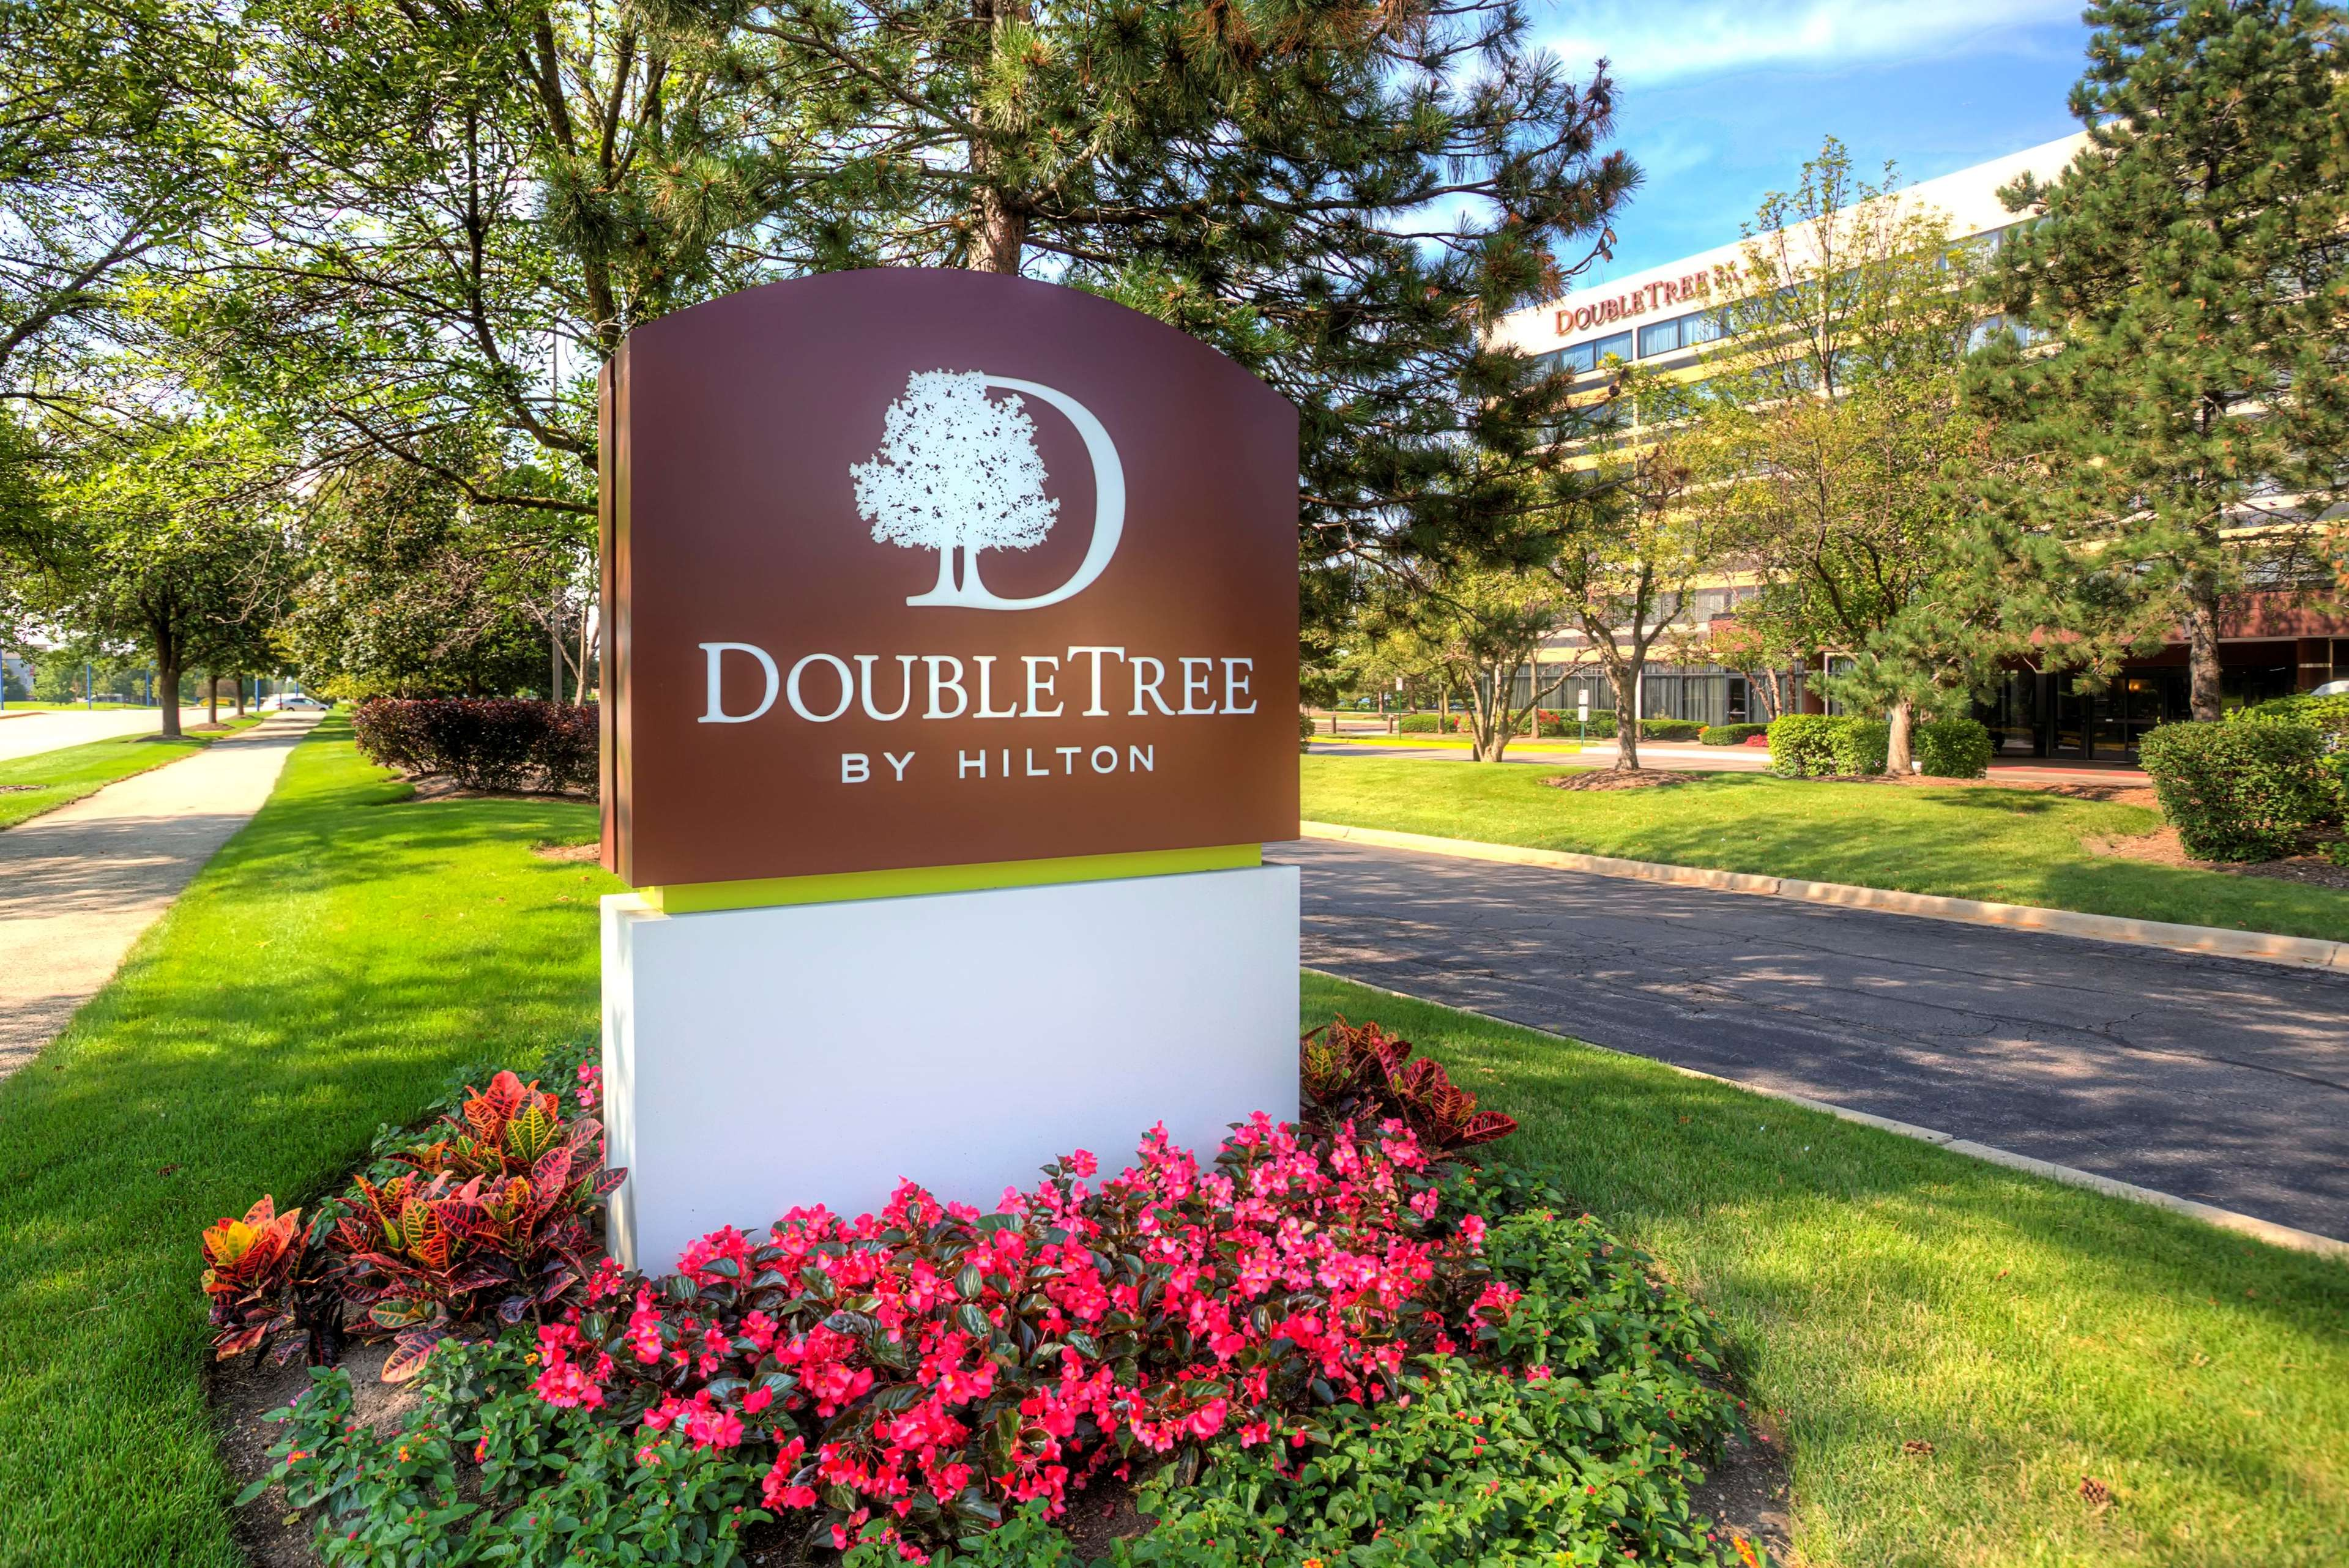 Doubletree By Hilton Hotel Chicago Schaumburg Schaumburg Illinois Il